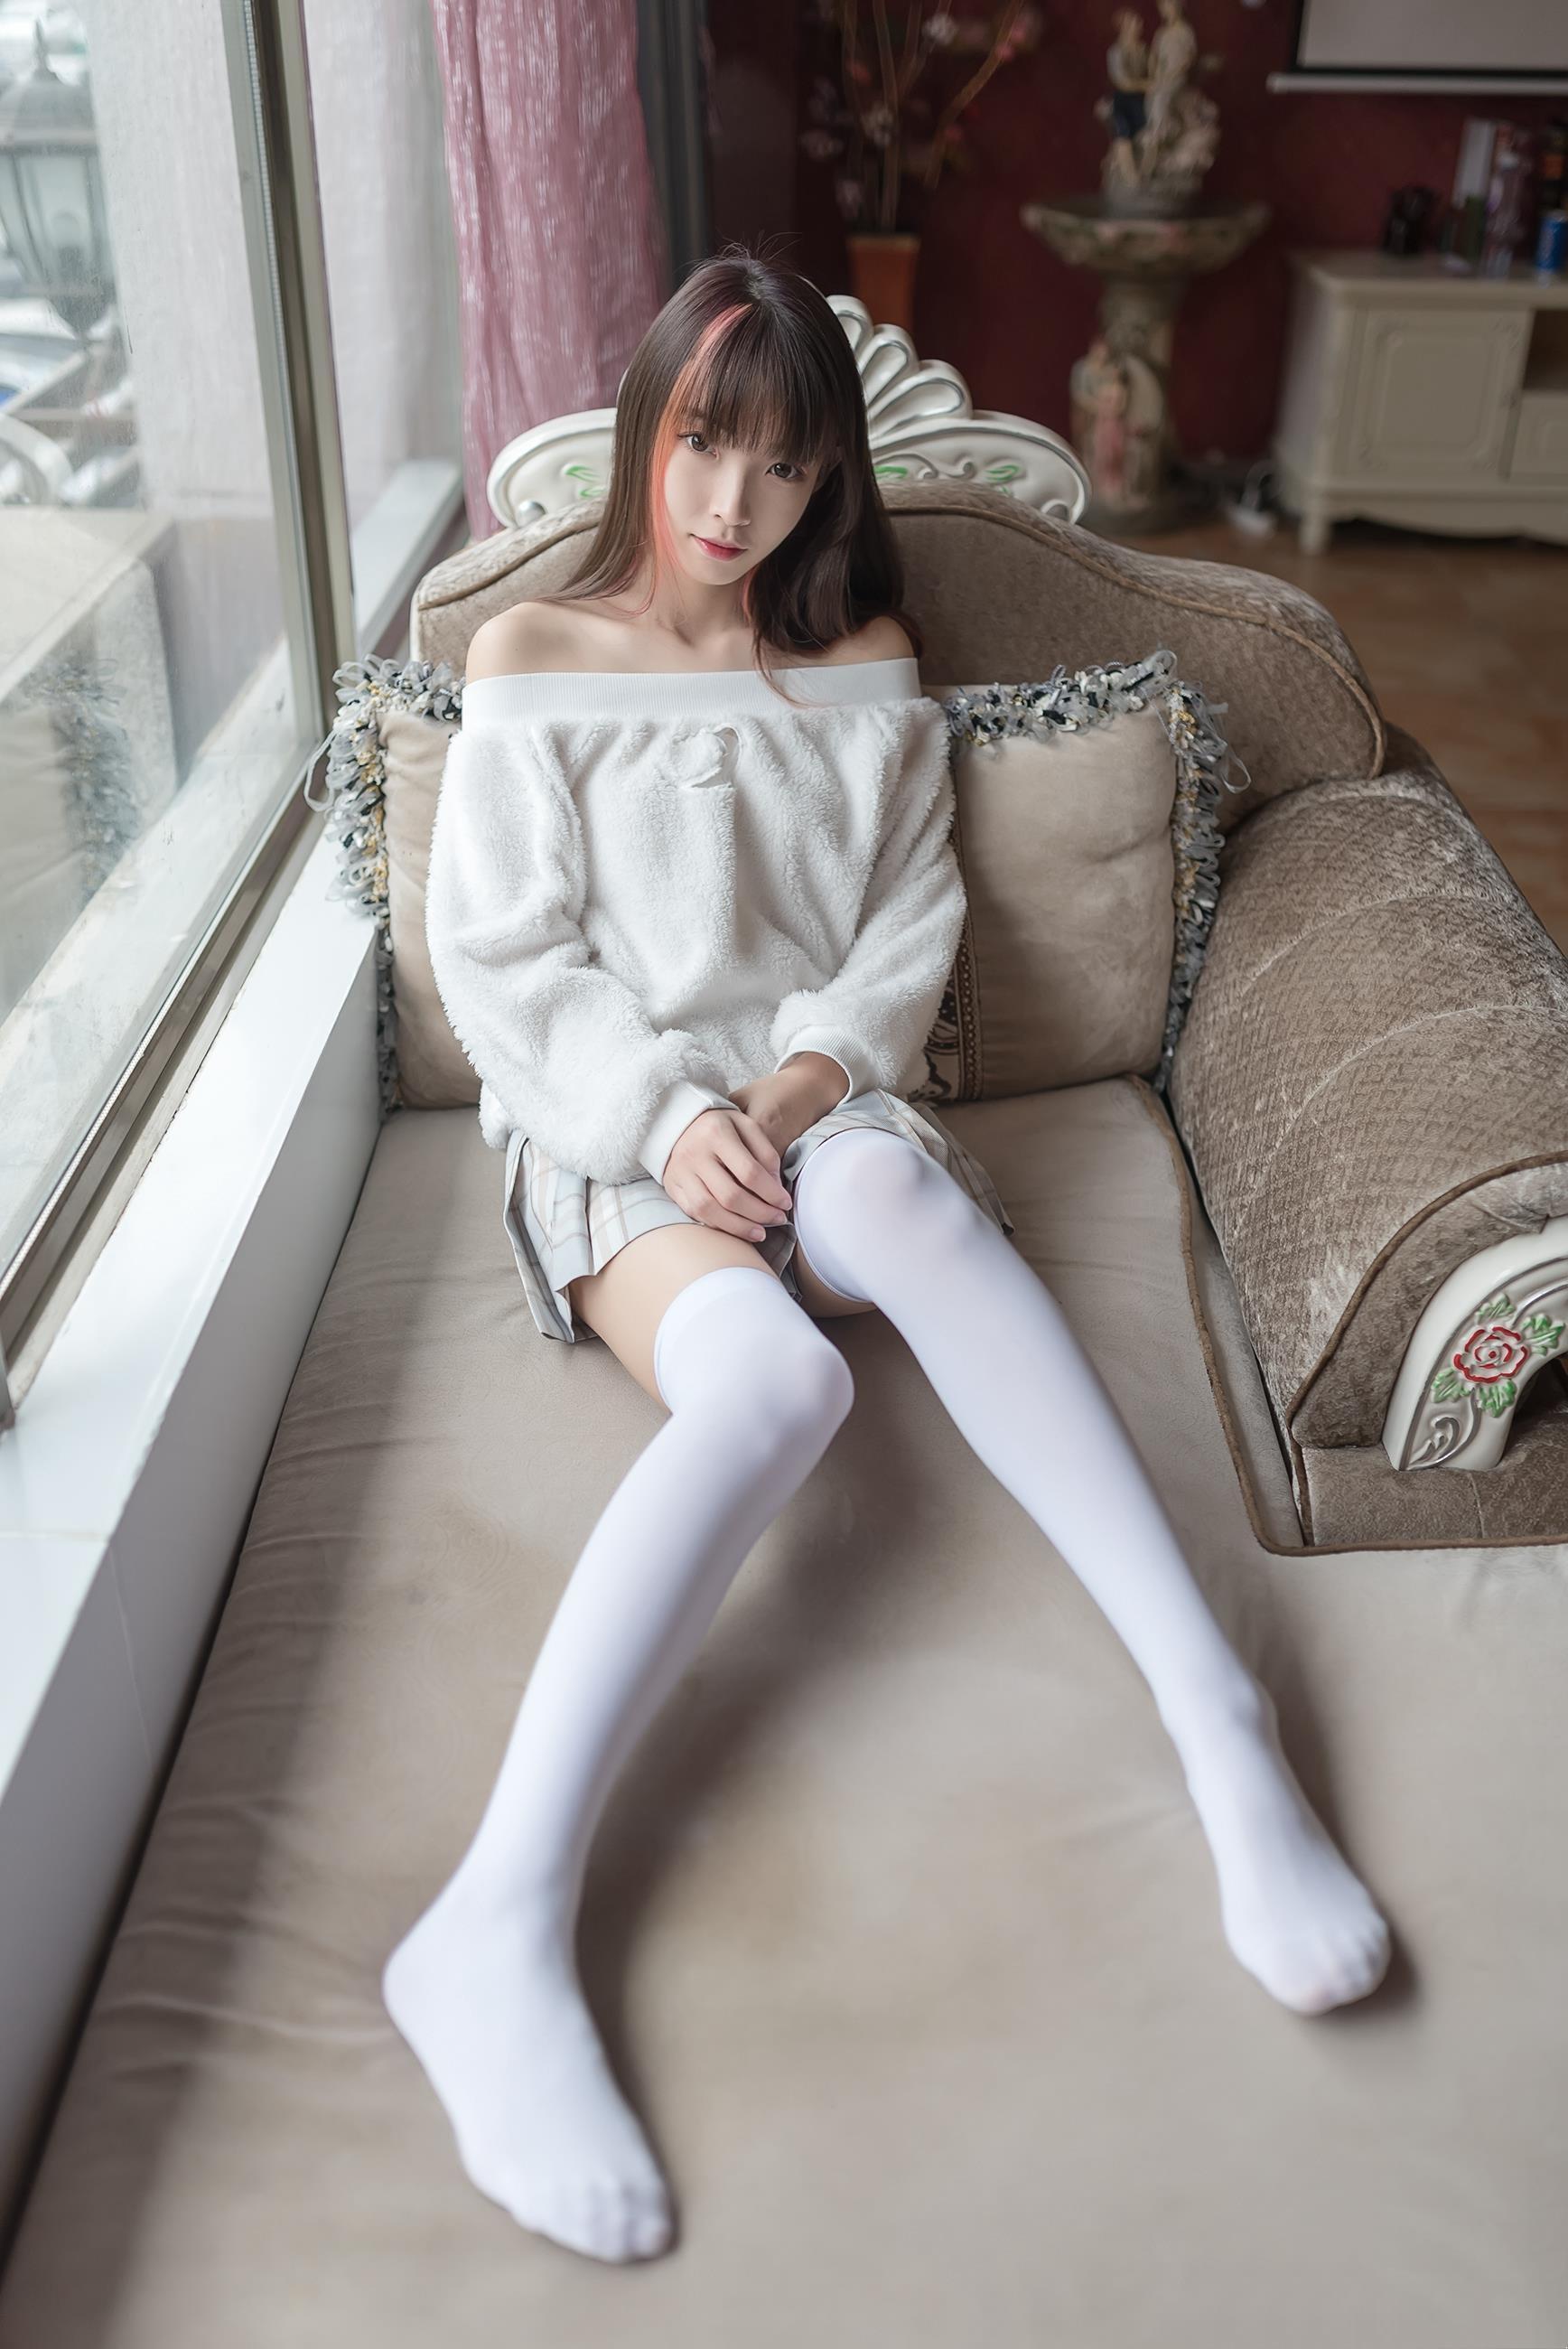 【风之领域0013】这是谁家小仙女,遗落在人间,萝莉控必看!!!为你点个赞-蜜桃畅享